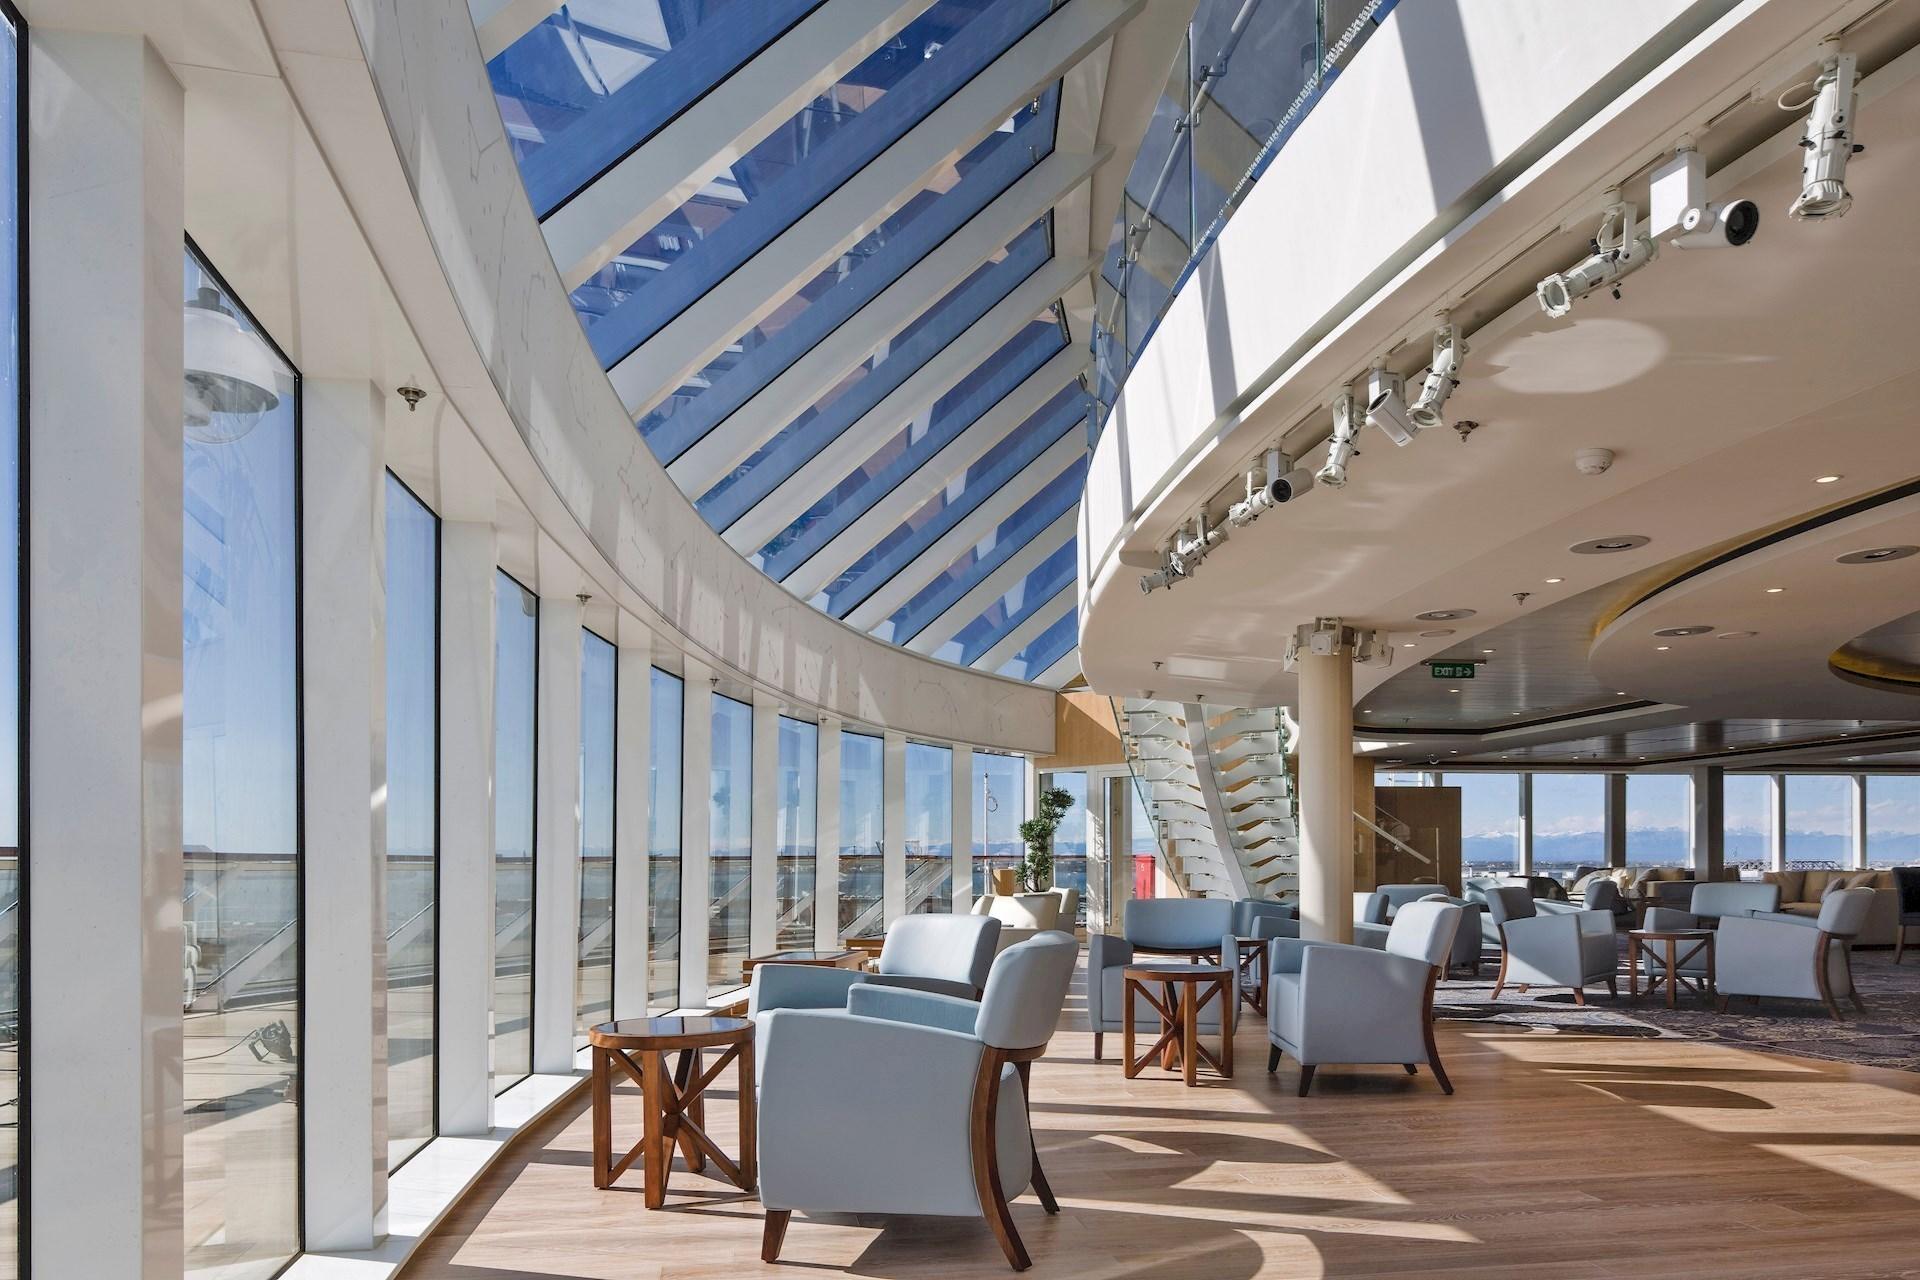 Viking Ocean Cruises Alaska 2020 2021 Alaska Cruise